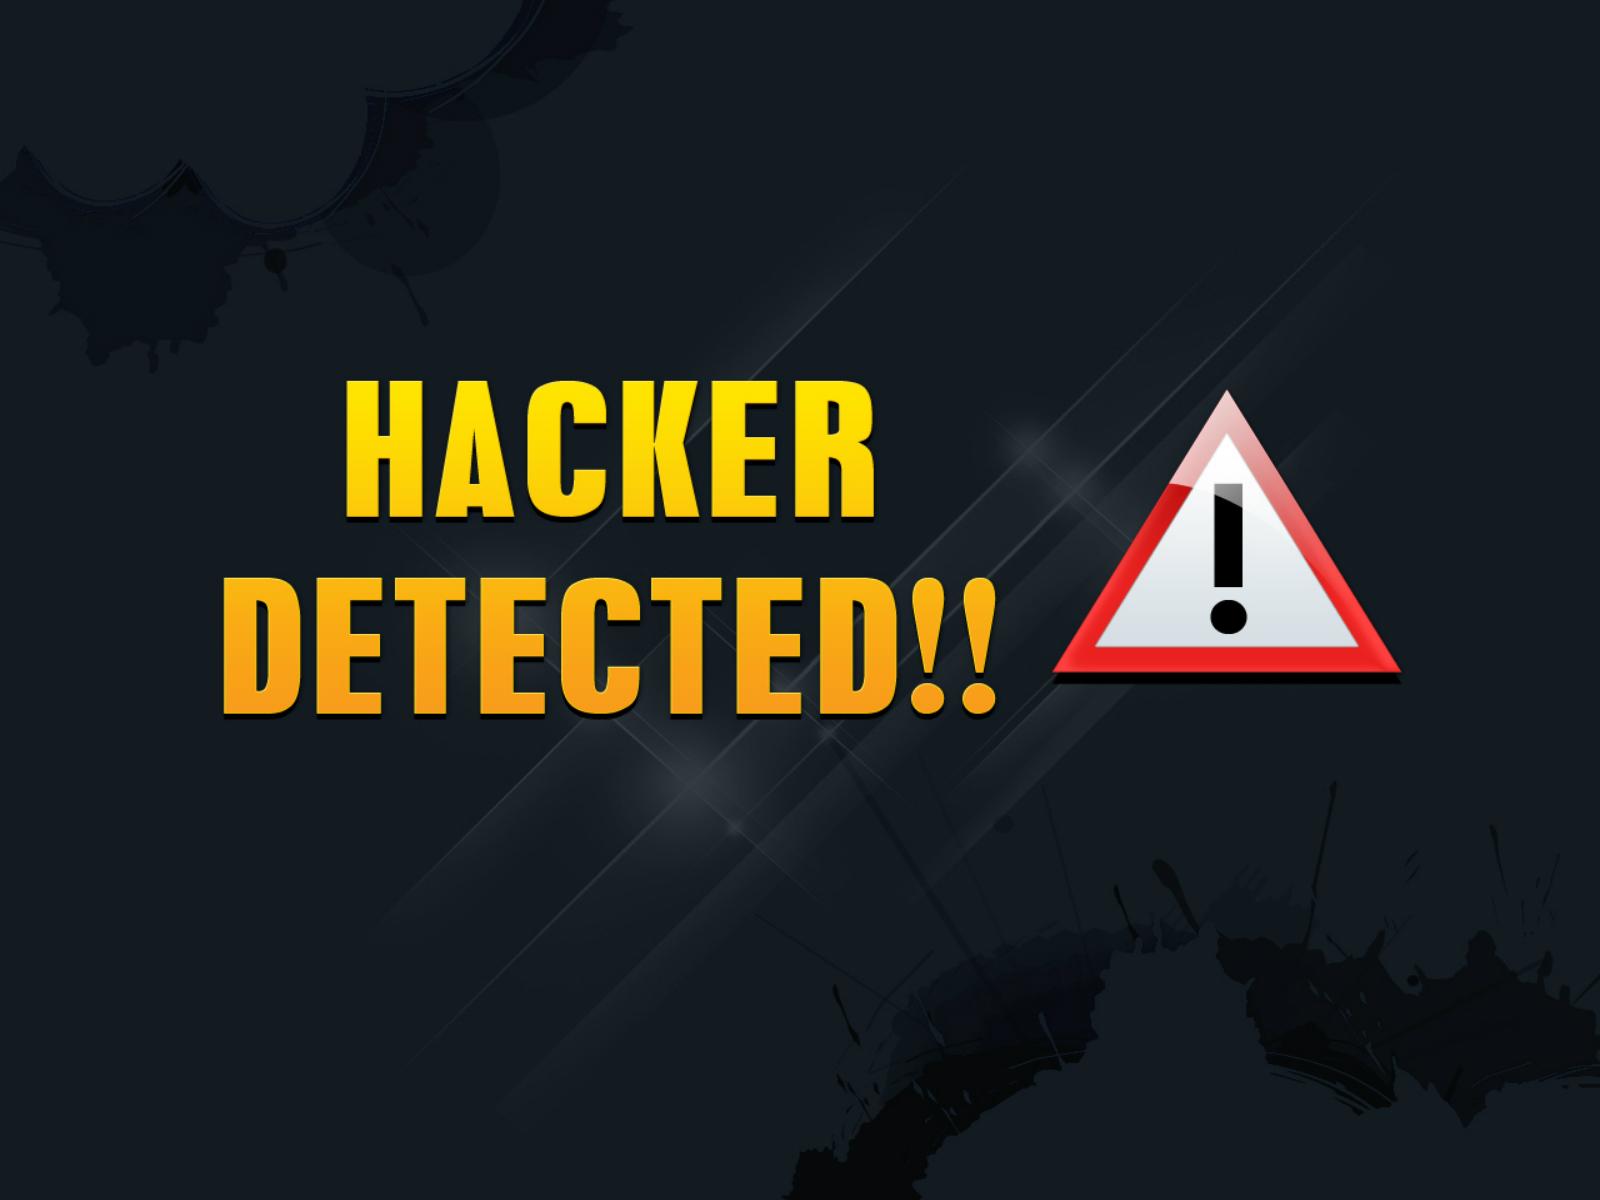 Hacker Indexes HD Wallpapers   Desktop Wallpapers